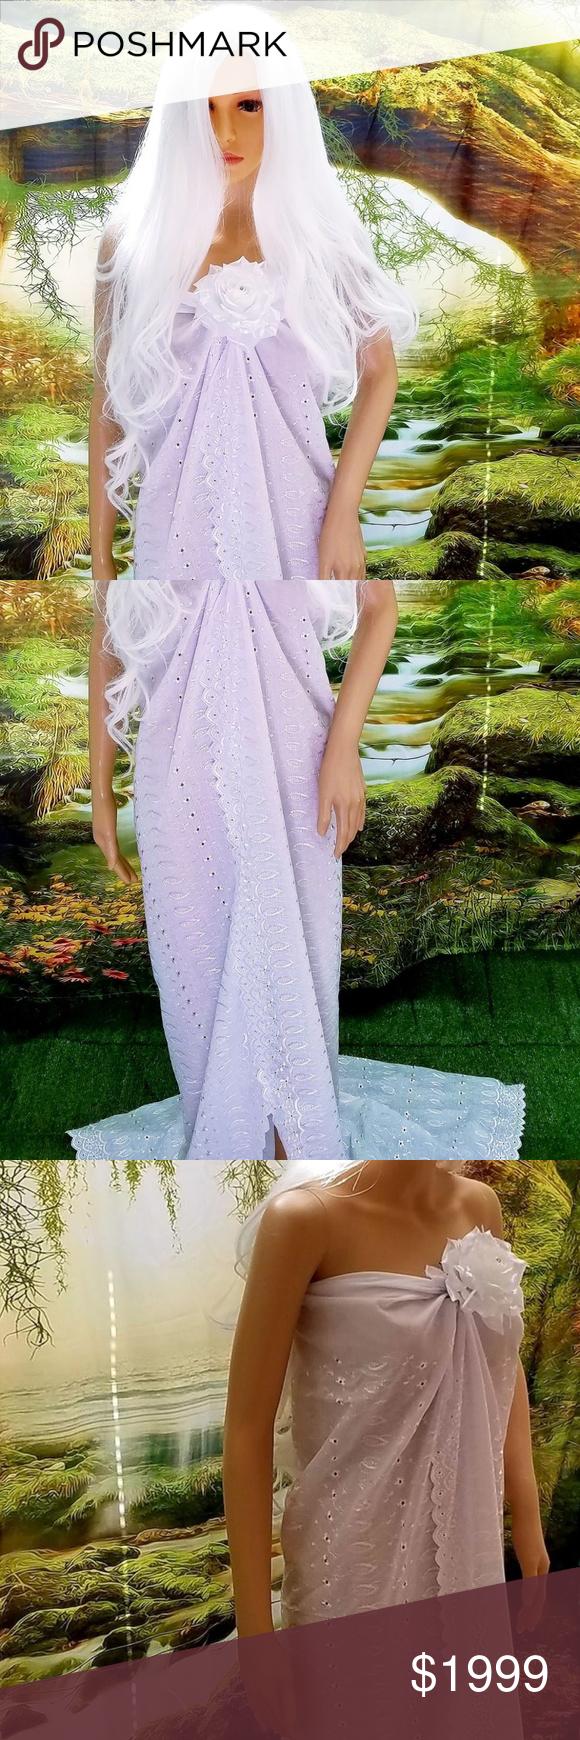 Eyelet wedding dress  White Eyelet Strapless Sheath Bridal Wedding Gown NWT  My Posh